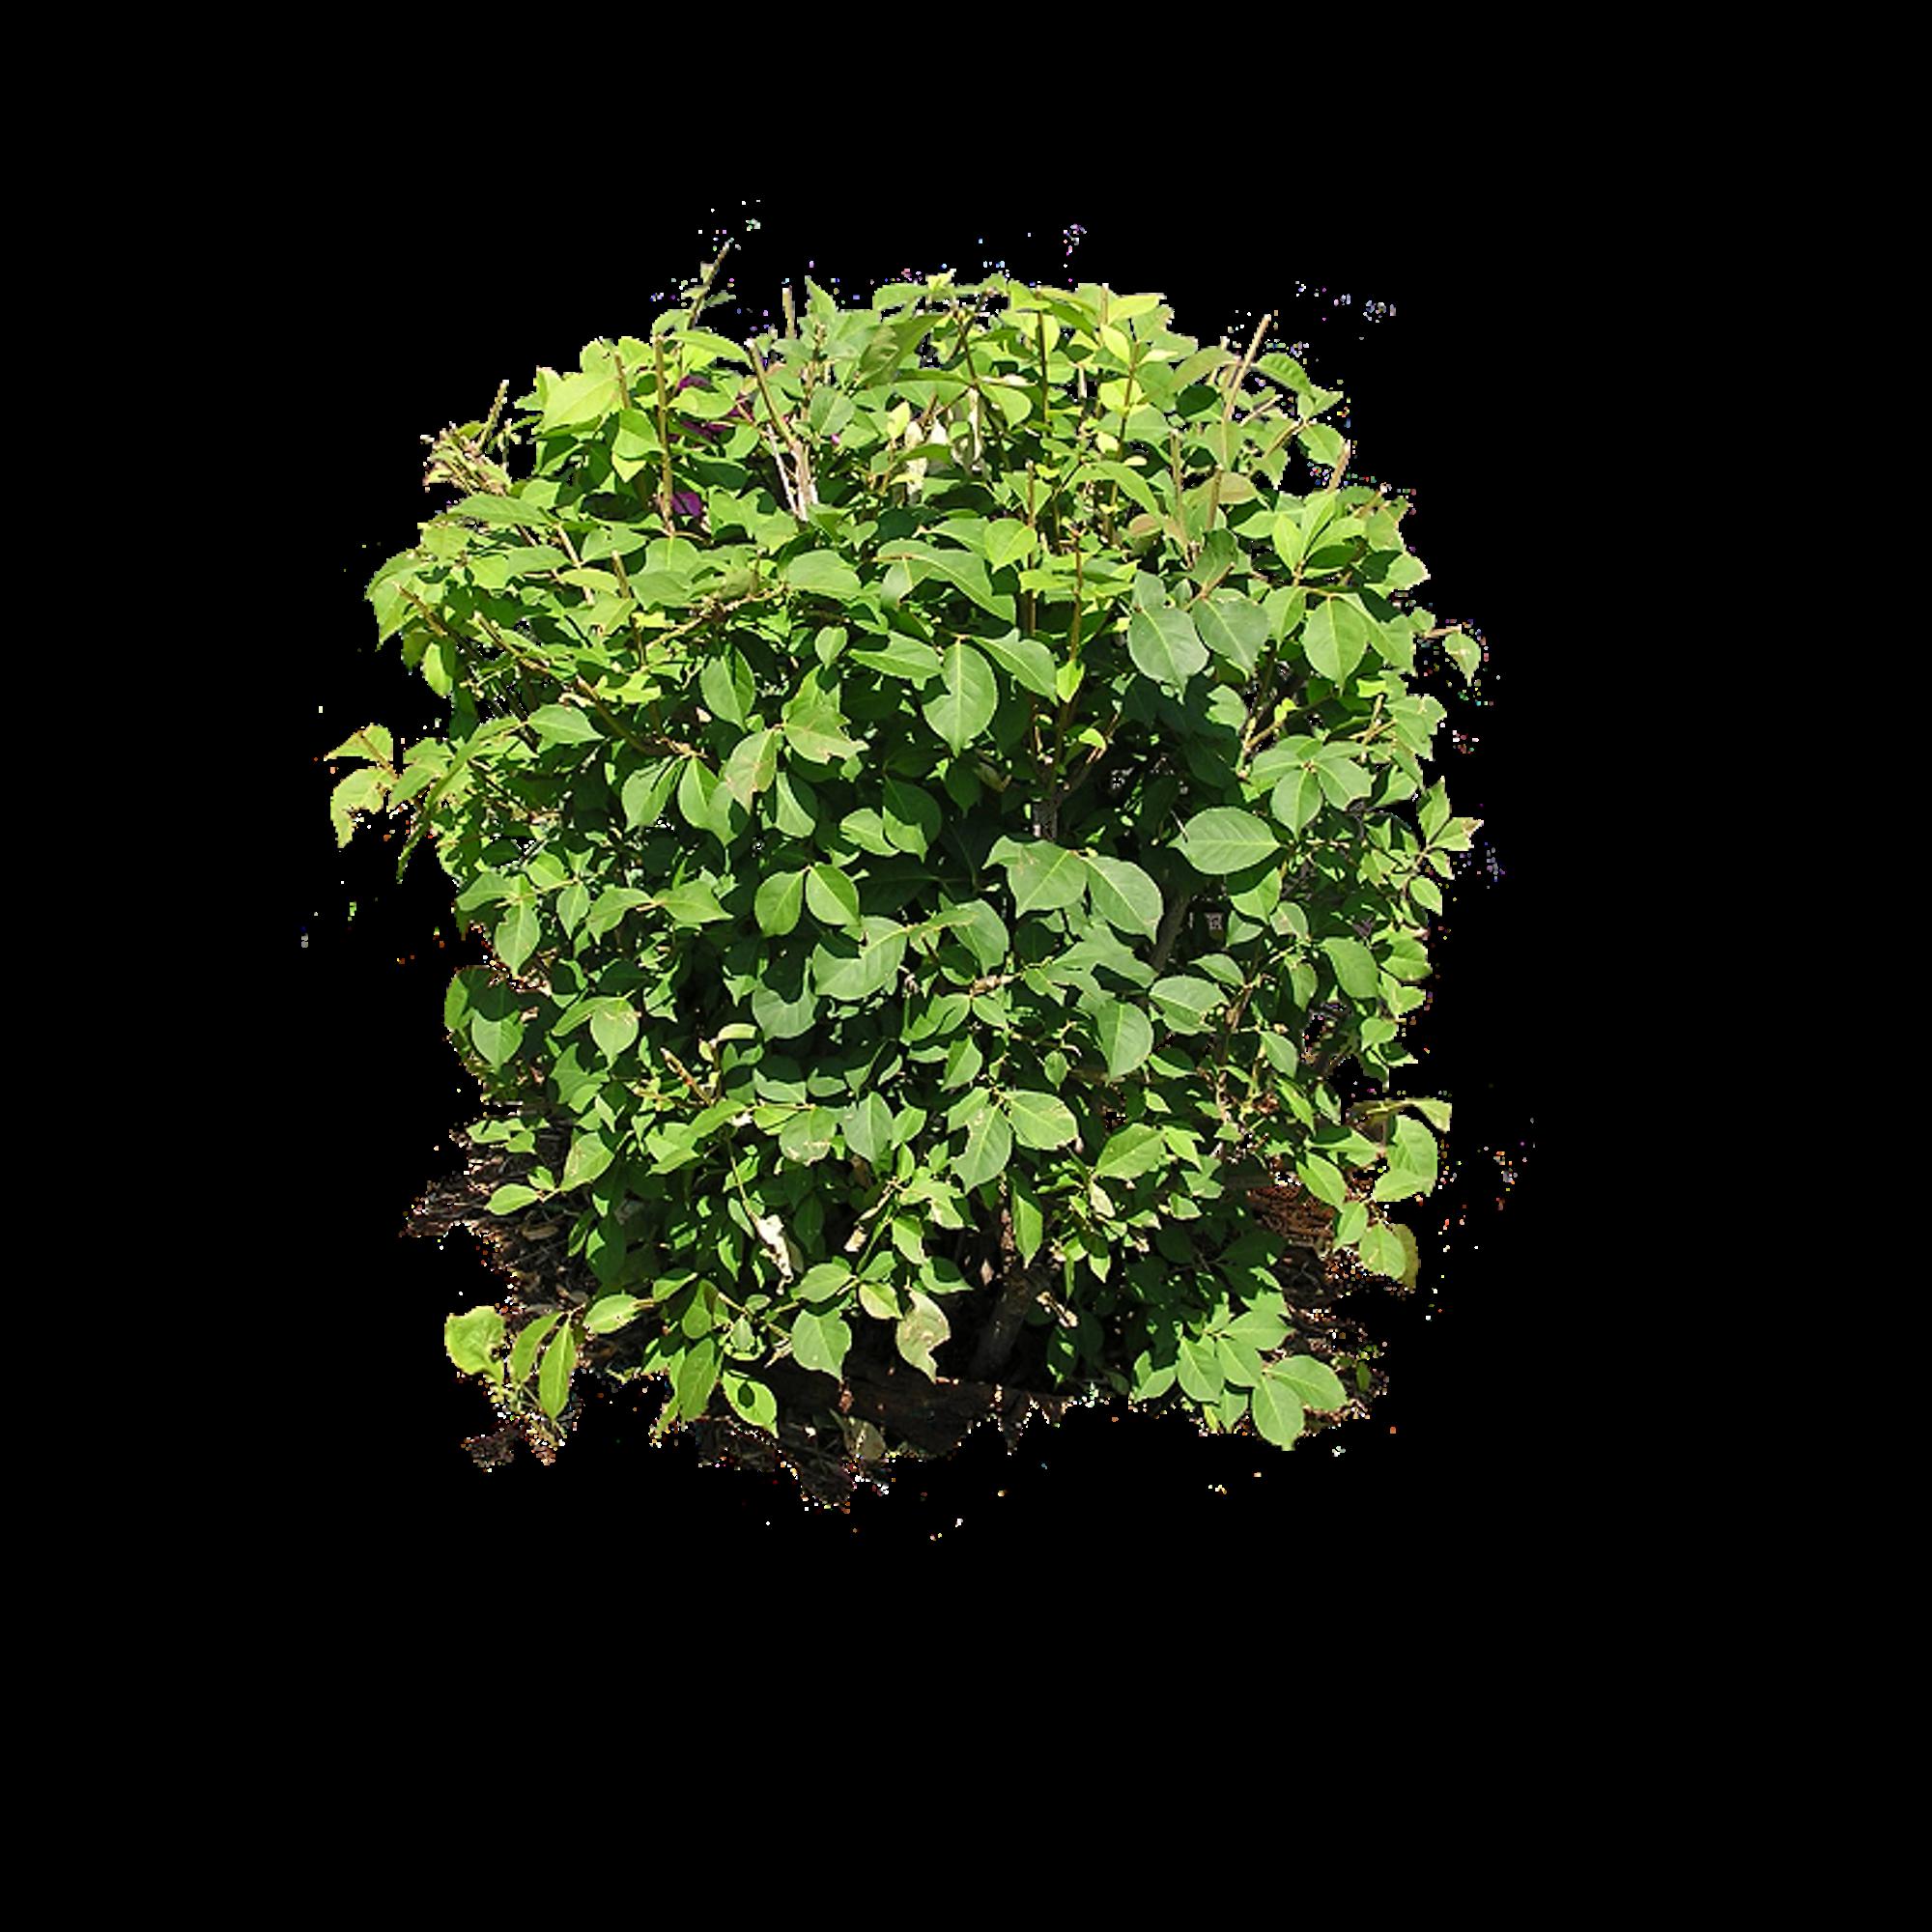 Bush plant PNG image | montage | Pinterest | Bush plant